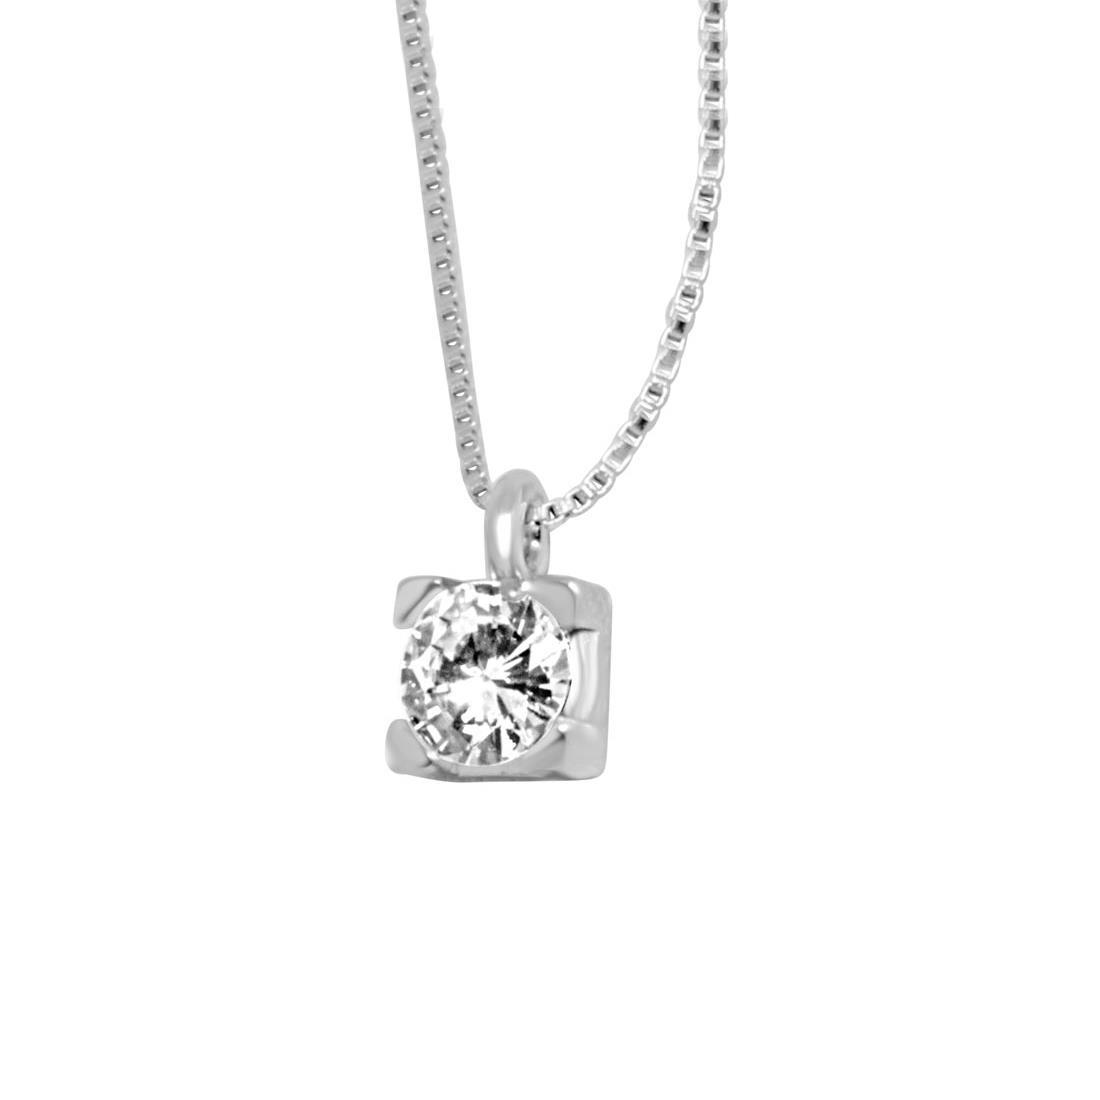 Collier Oro& co in oro bianco con diamanti ct 0,30 colore H, purezza VS2 lunghezza 42 cm - ORO&CO